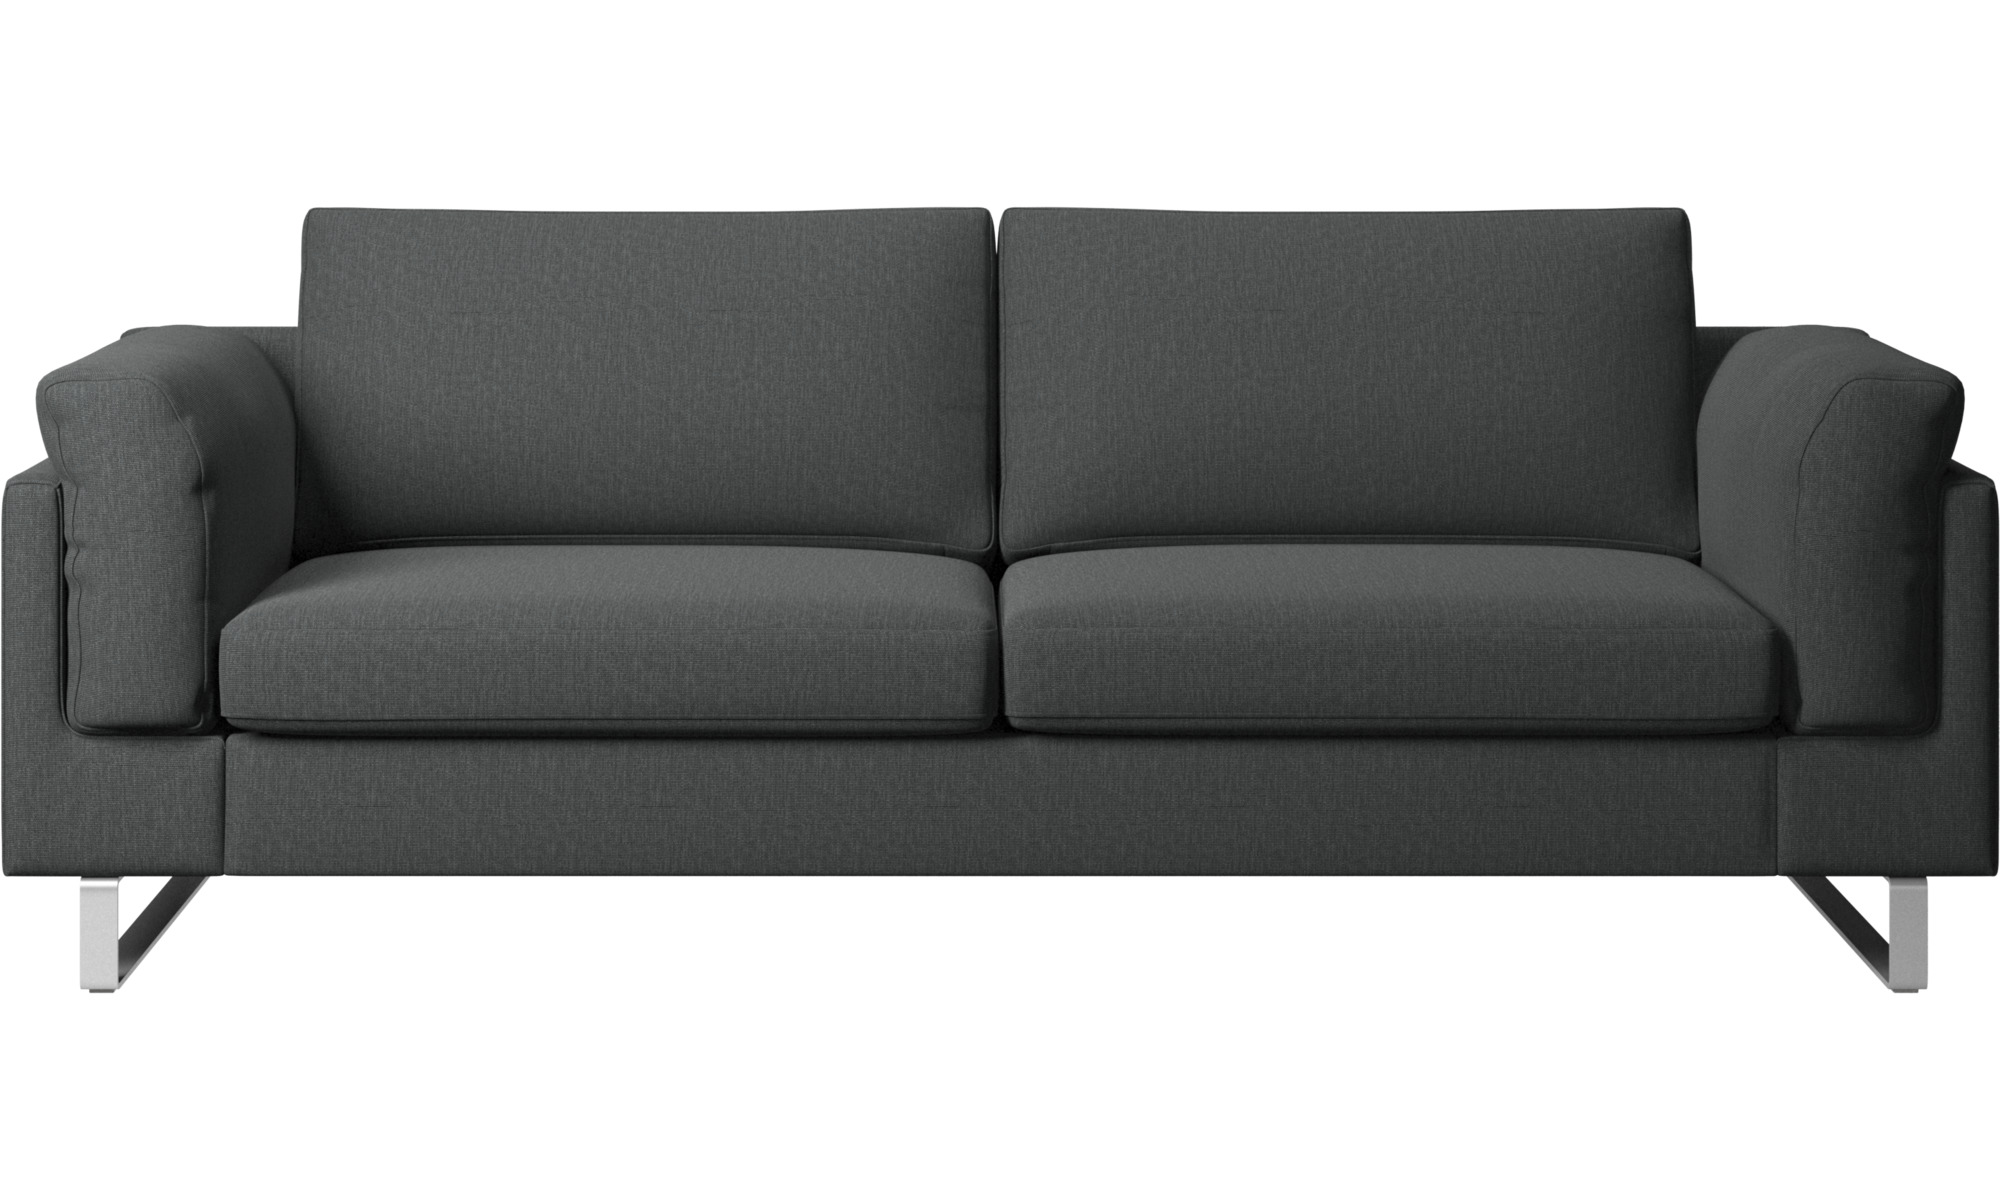 2 5 Seater Sofas Indivi 2 Sofa Boconcept